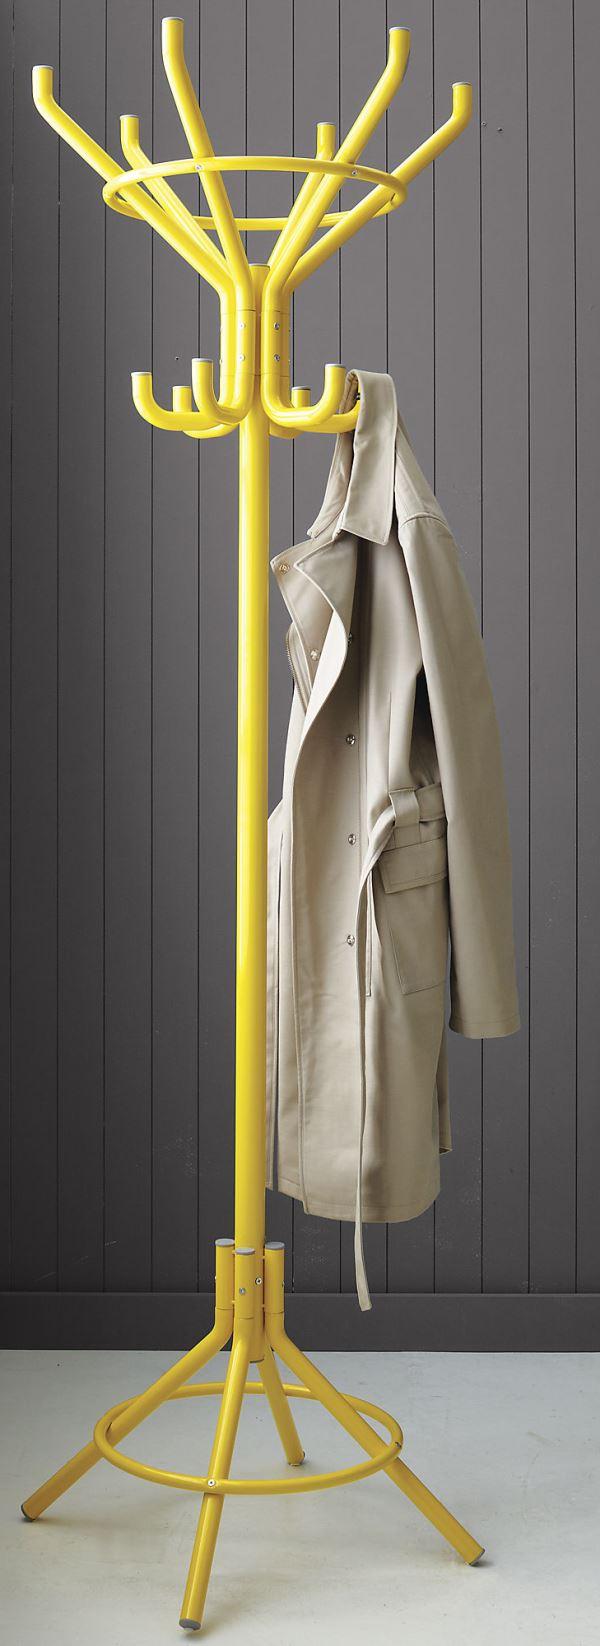 Желтая вешалка для верхней одежды в интерьере